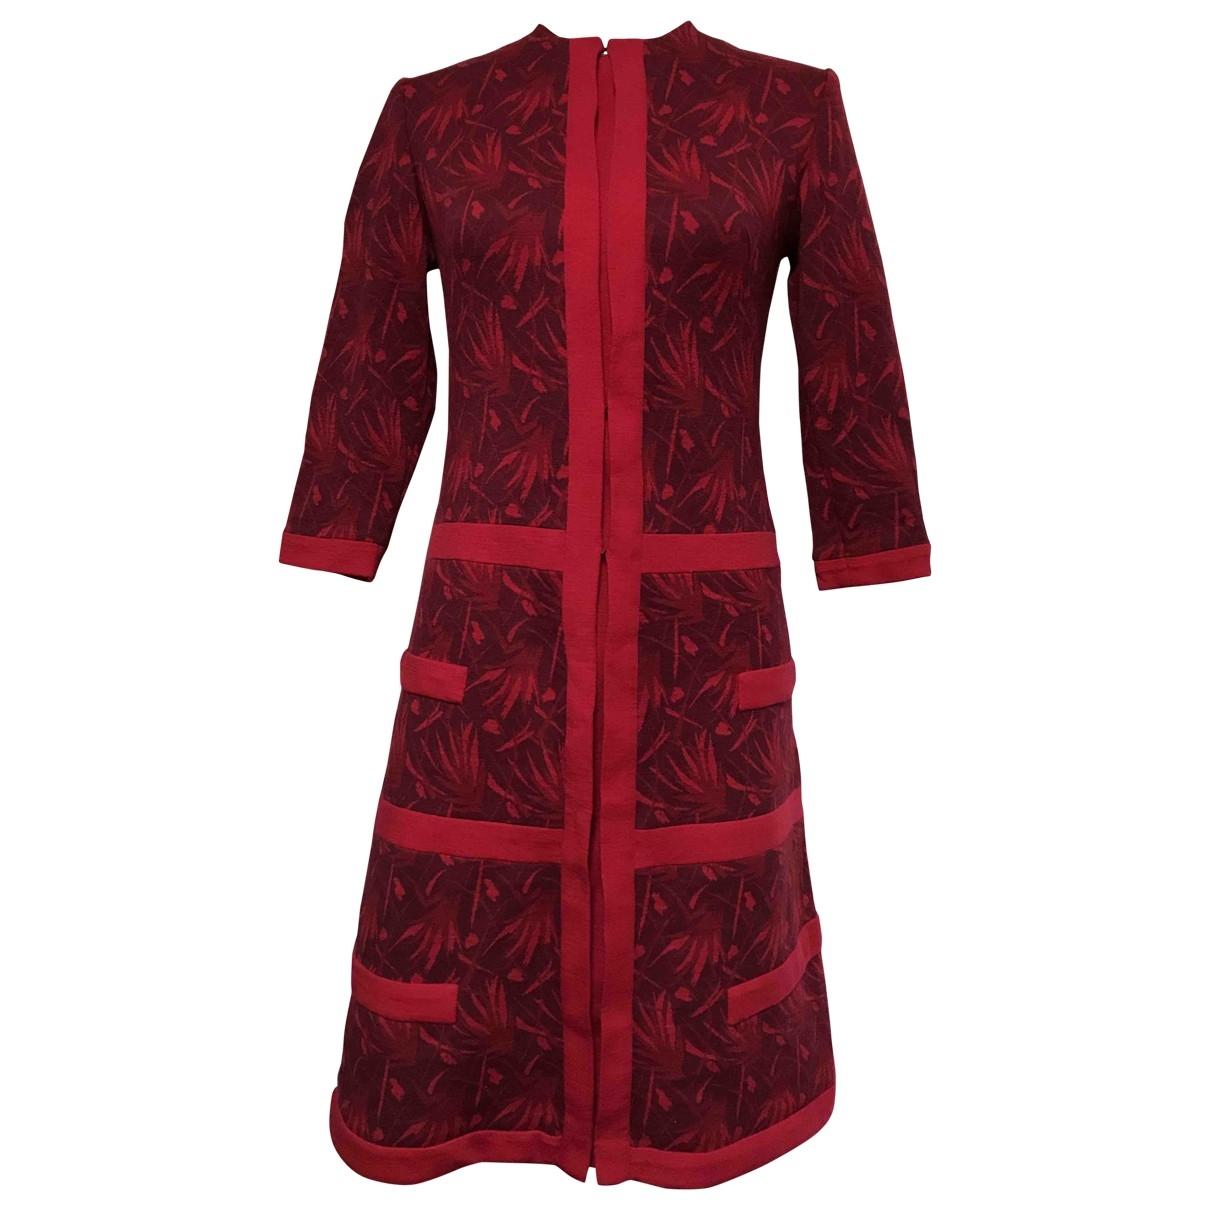 Vestido midi Artisanal de Lana Non Signe / Unsigned